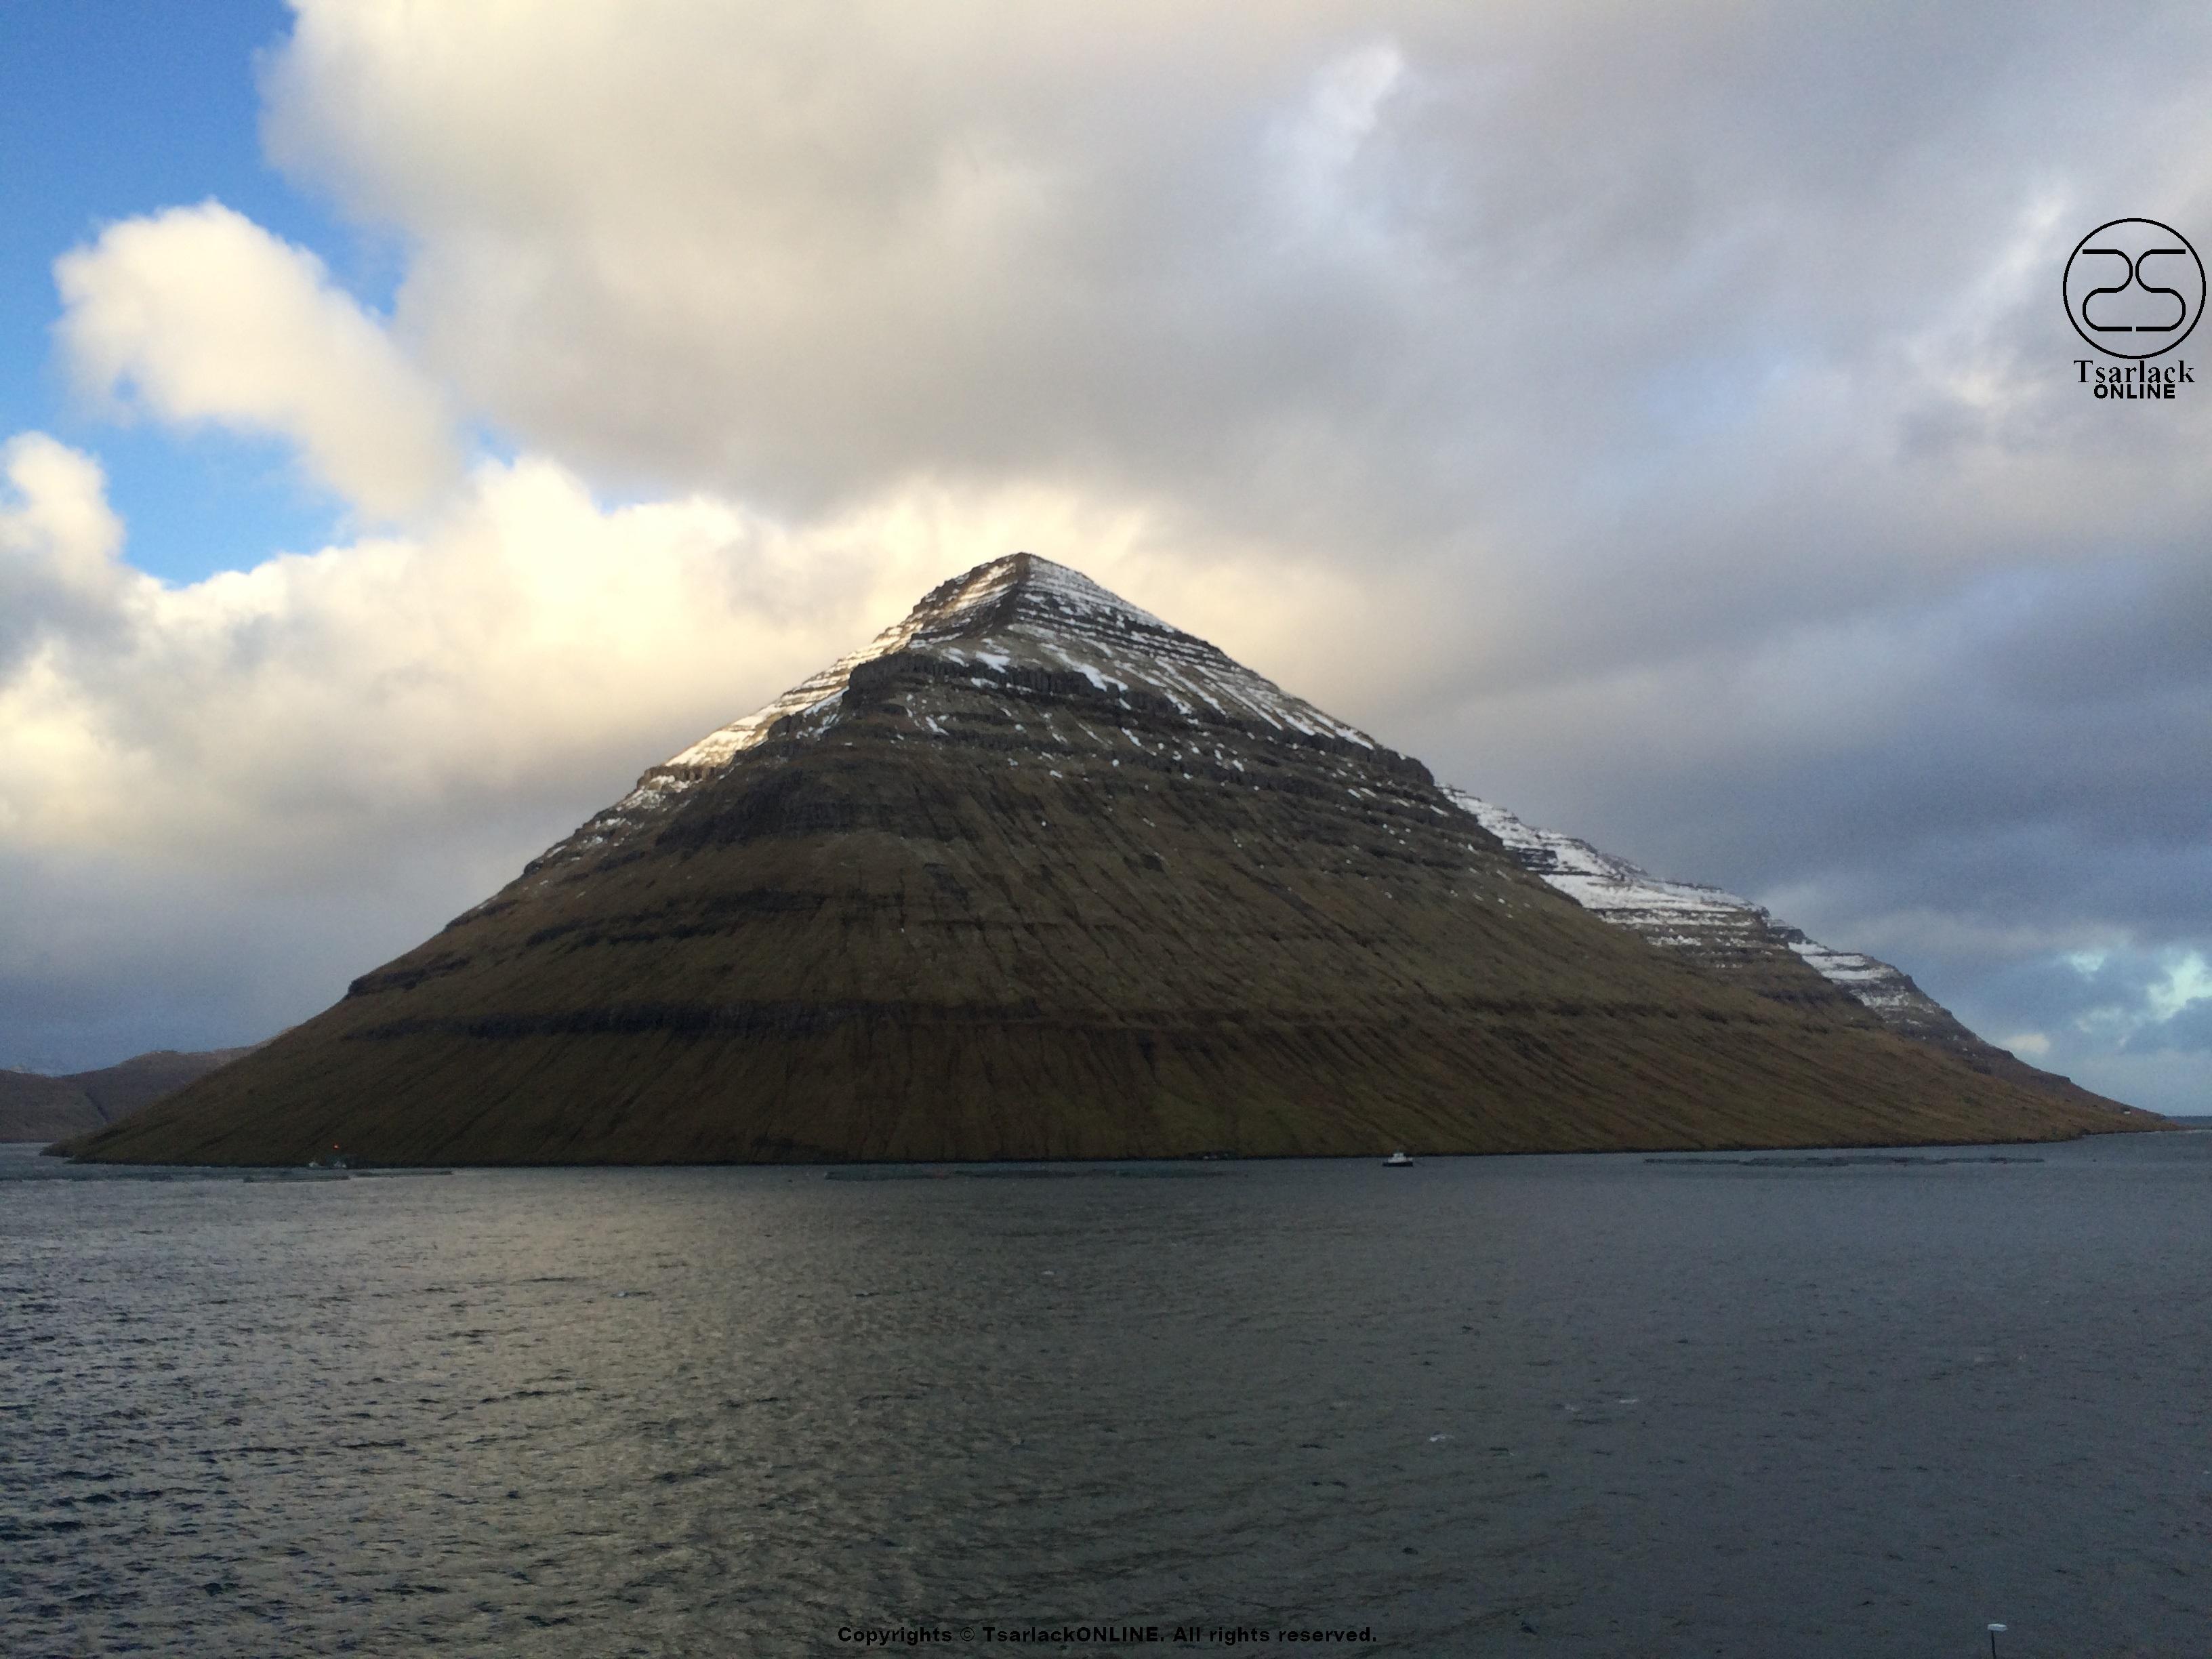 3 Days in the Faroe Islands